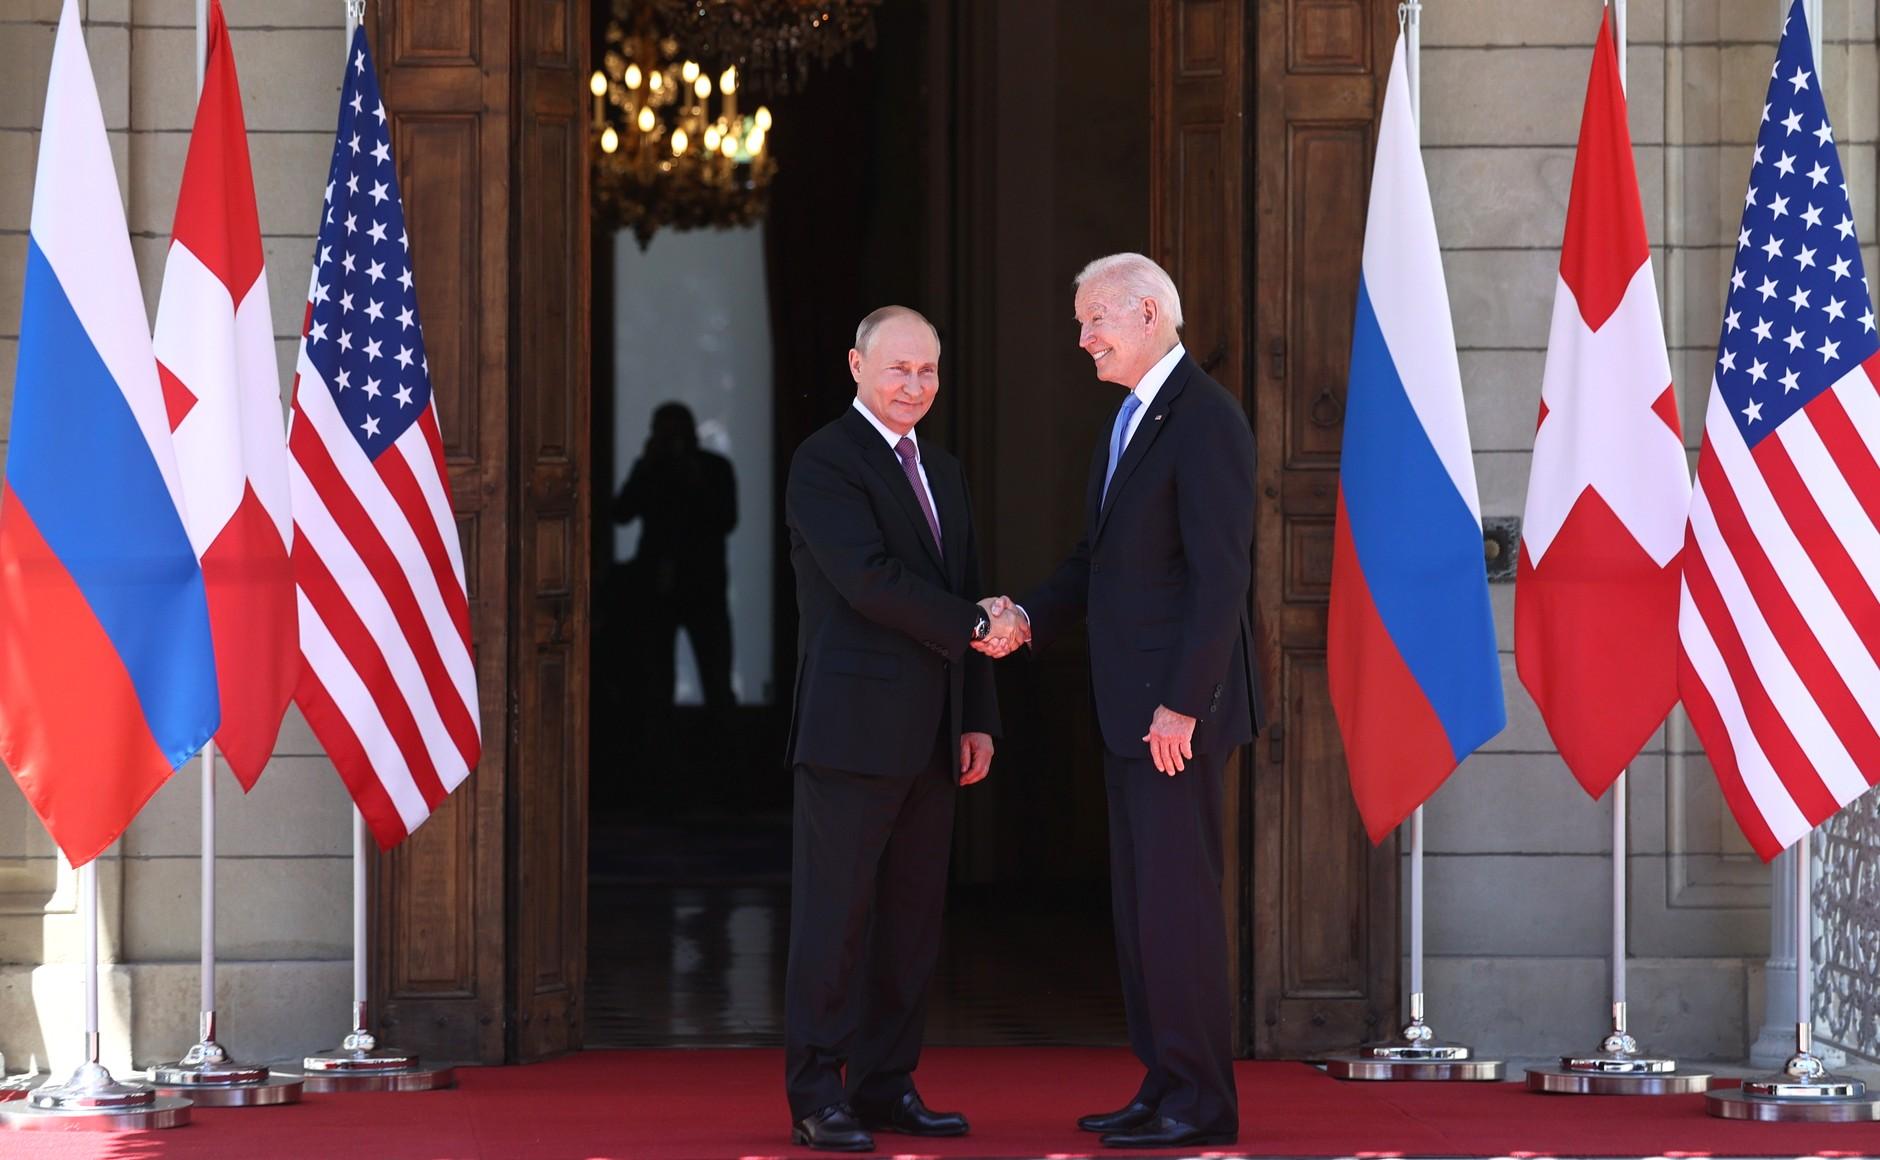 RUSSIE USA 5 X 16 Avec le président des États-Unis d'Amérique Joseph Biden avant les pourparlers russo-américains. Photo TASS